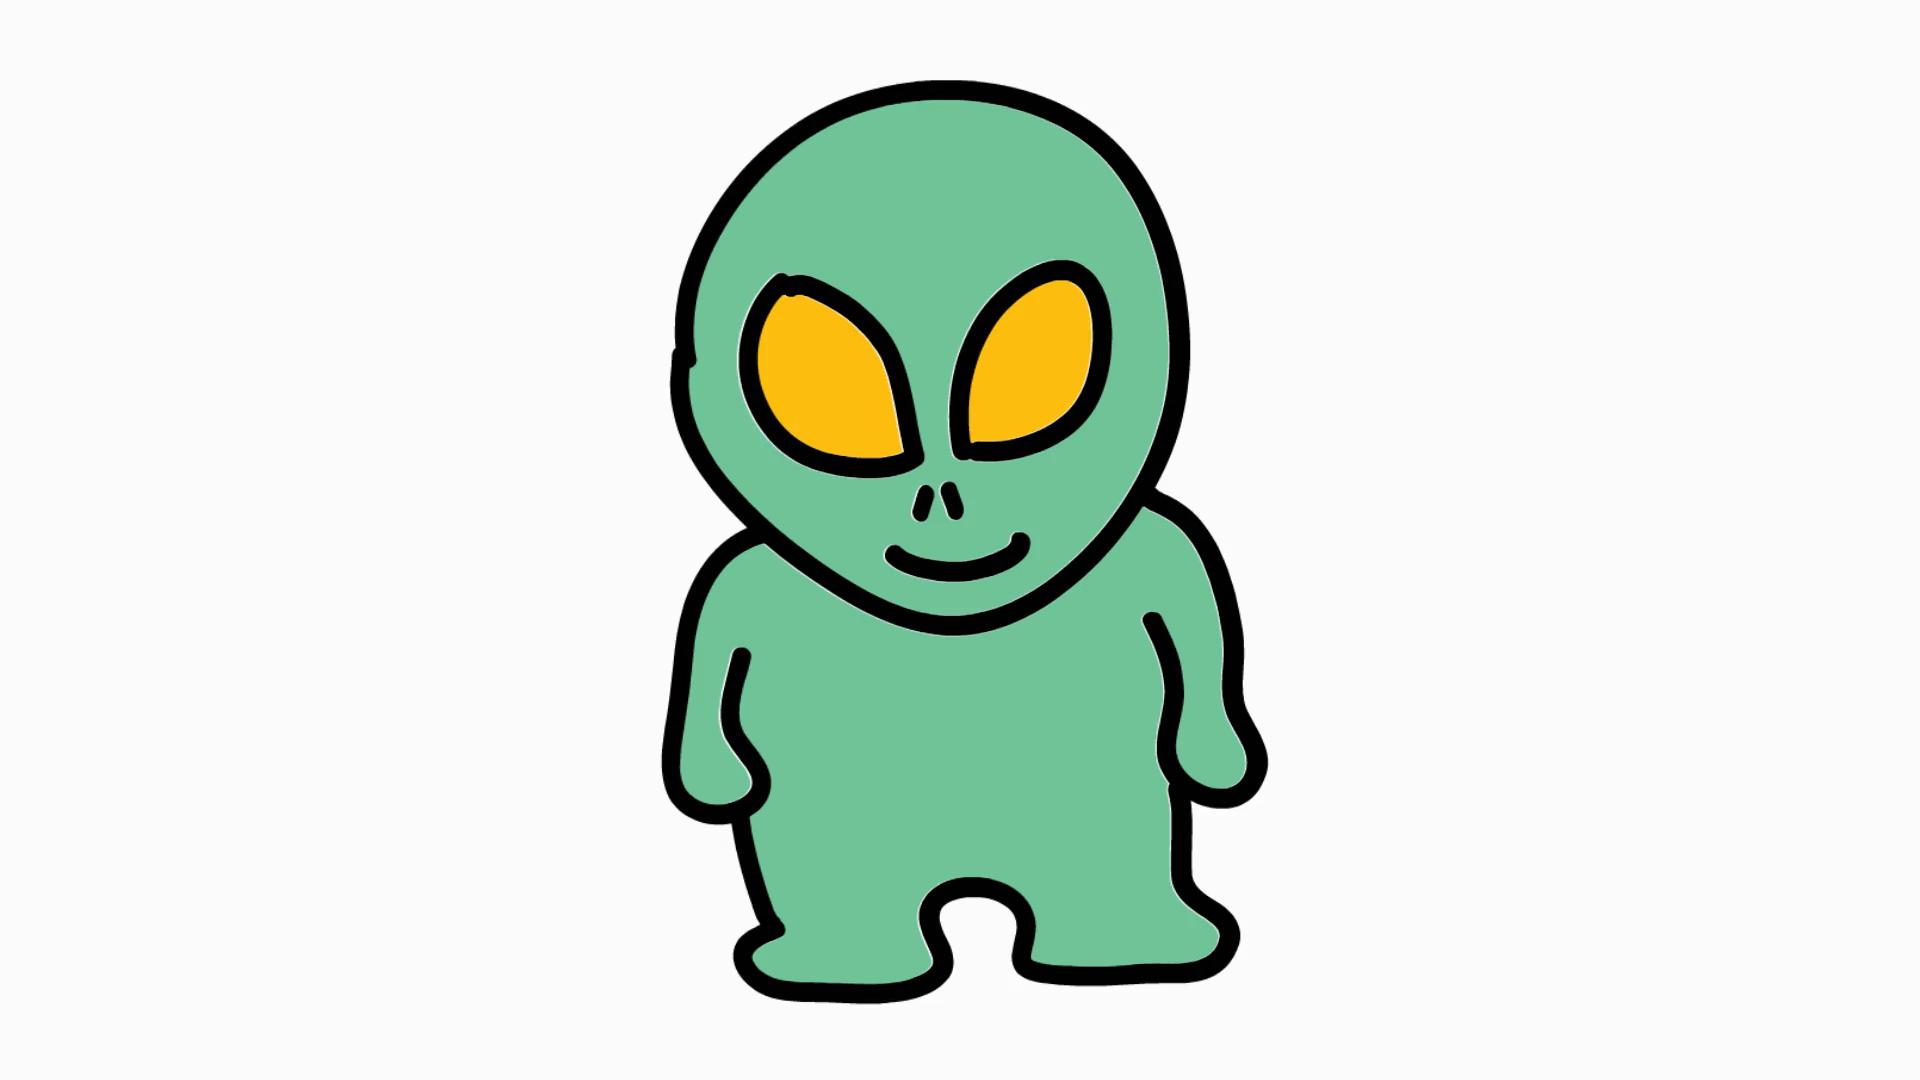 Buildings clipart alien, Buildings alien Transparent FREE.